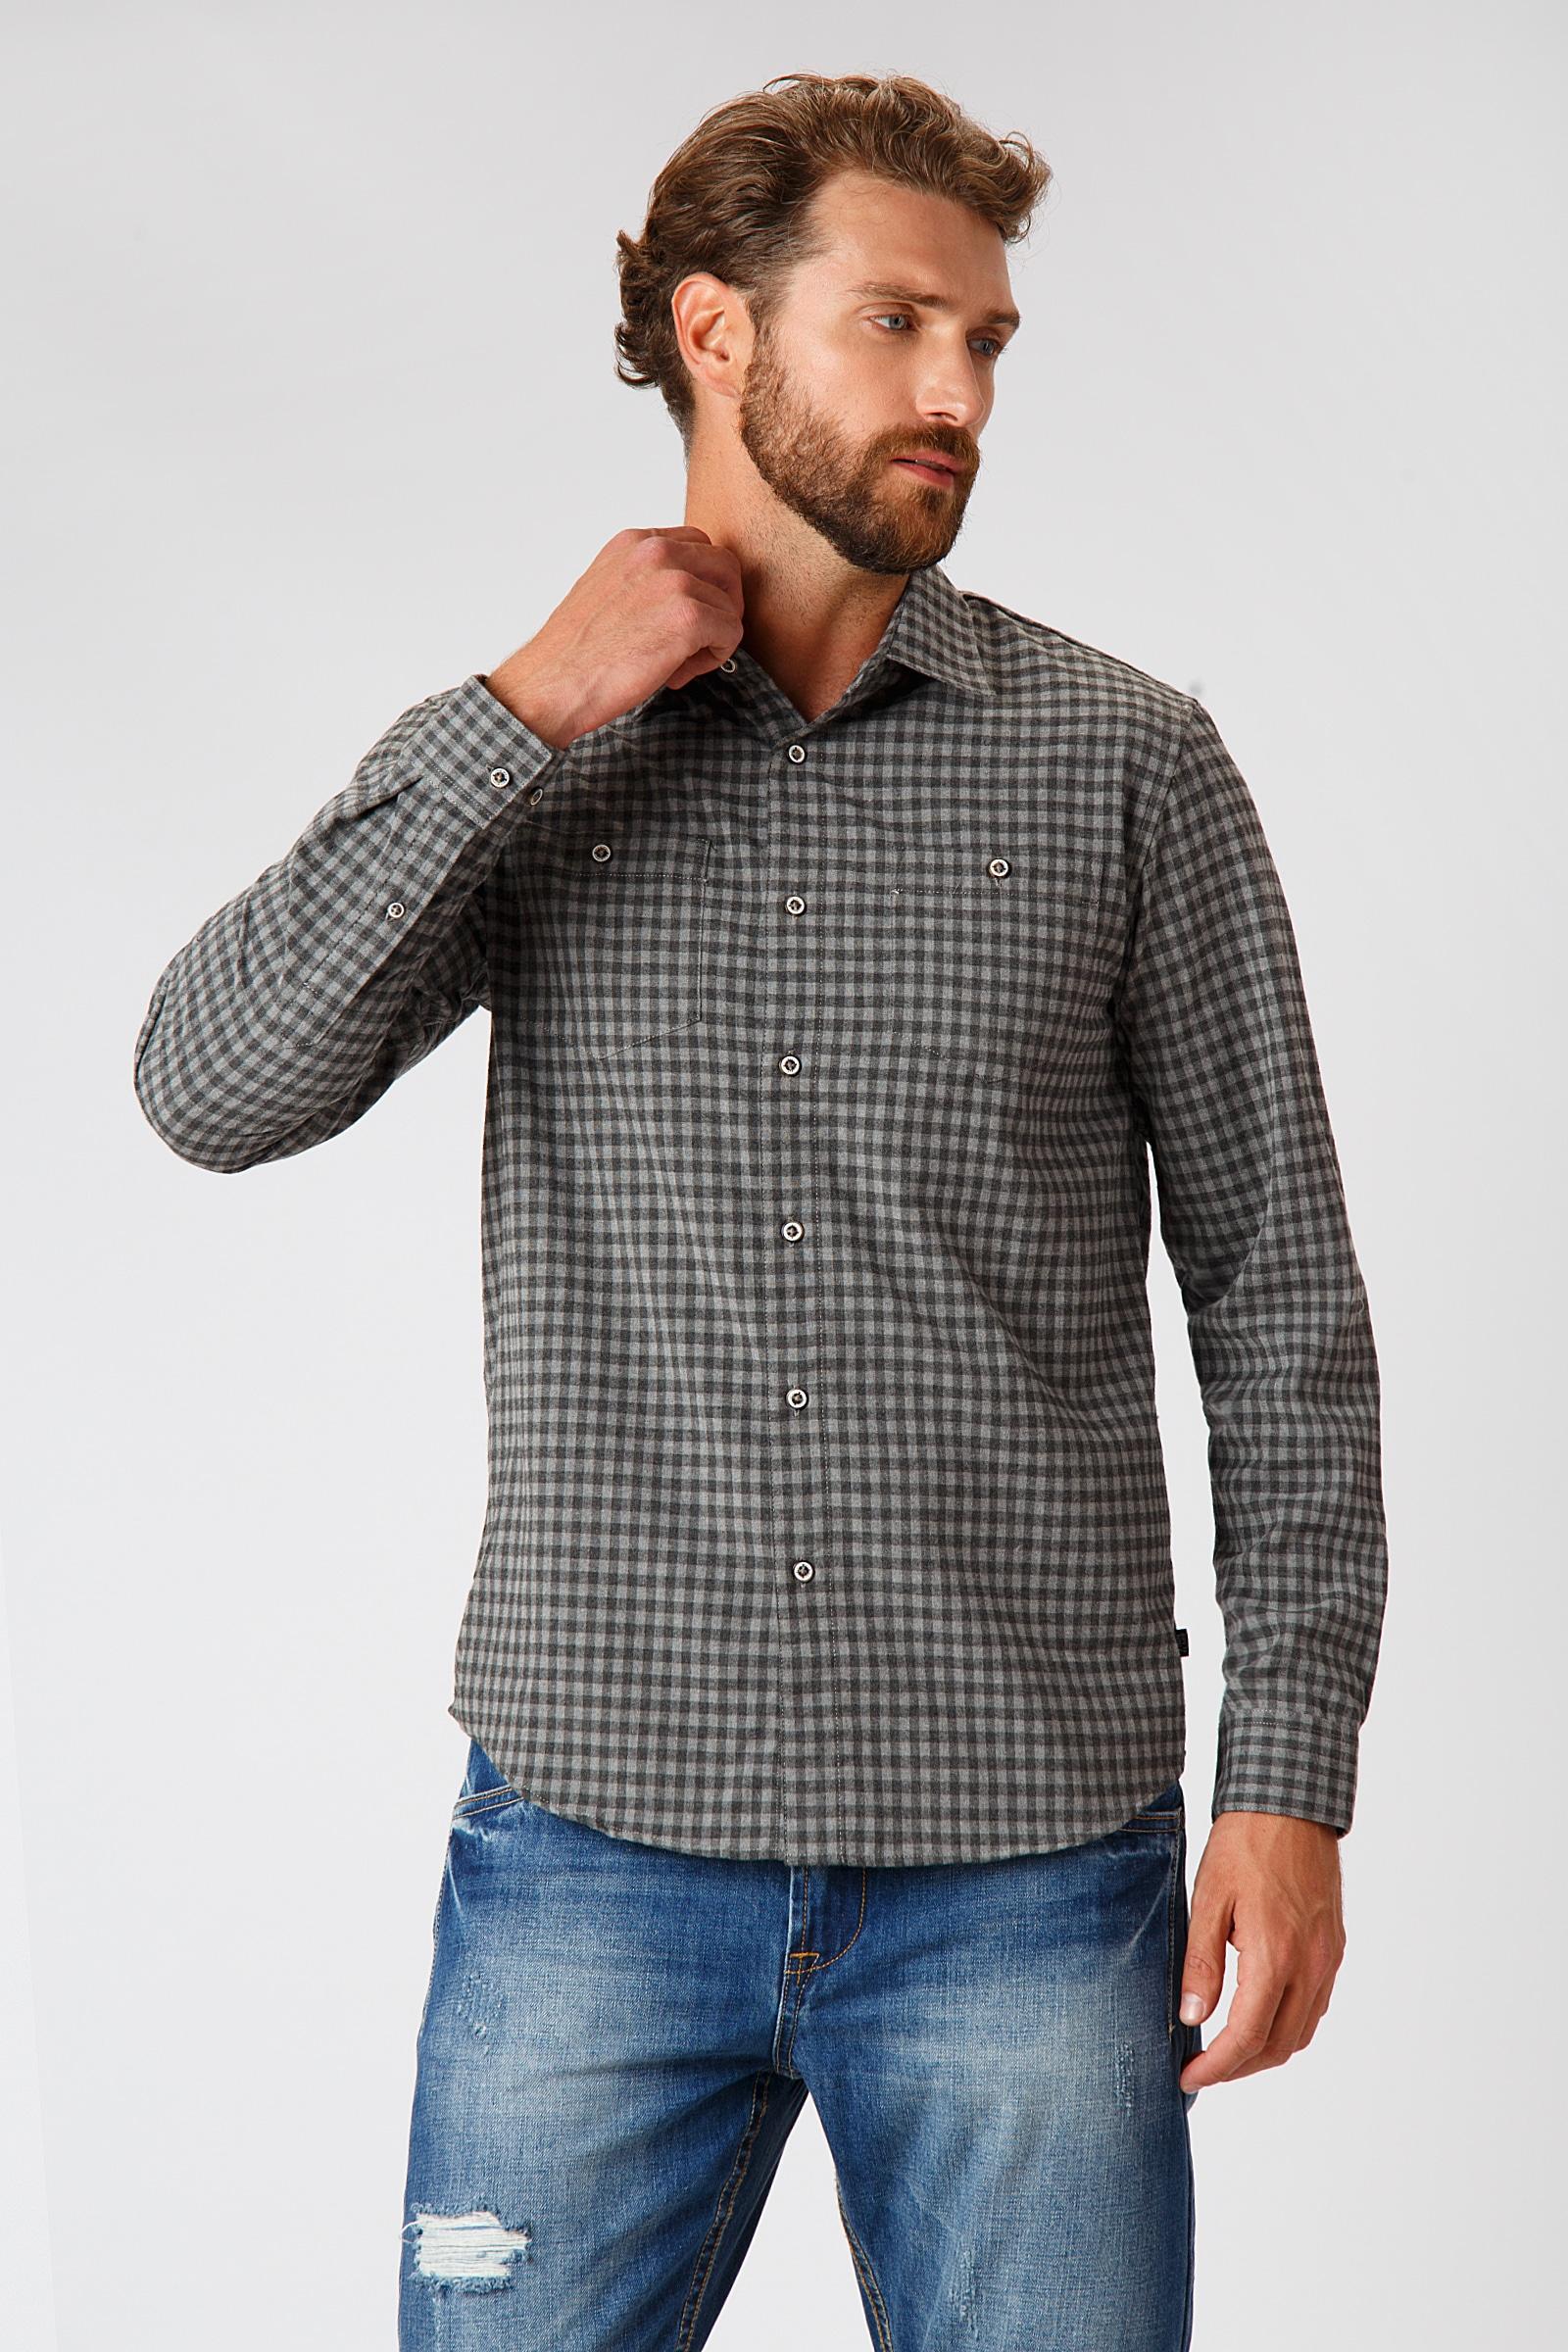 Finn Flare Freizeithemd im angesagten Design | Bekleidung > Hemden > Freizeithemden | Grau | Viskose | Finn Flare